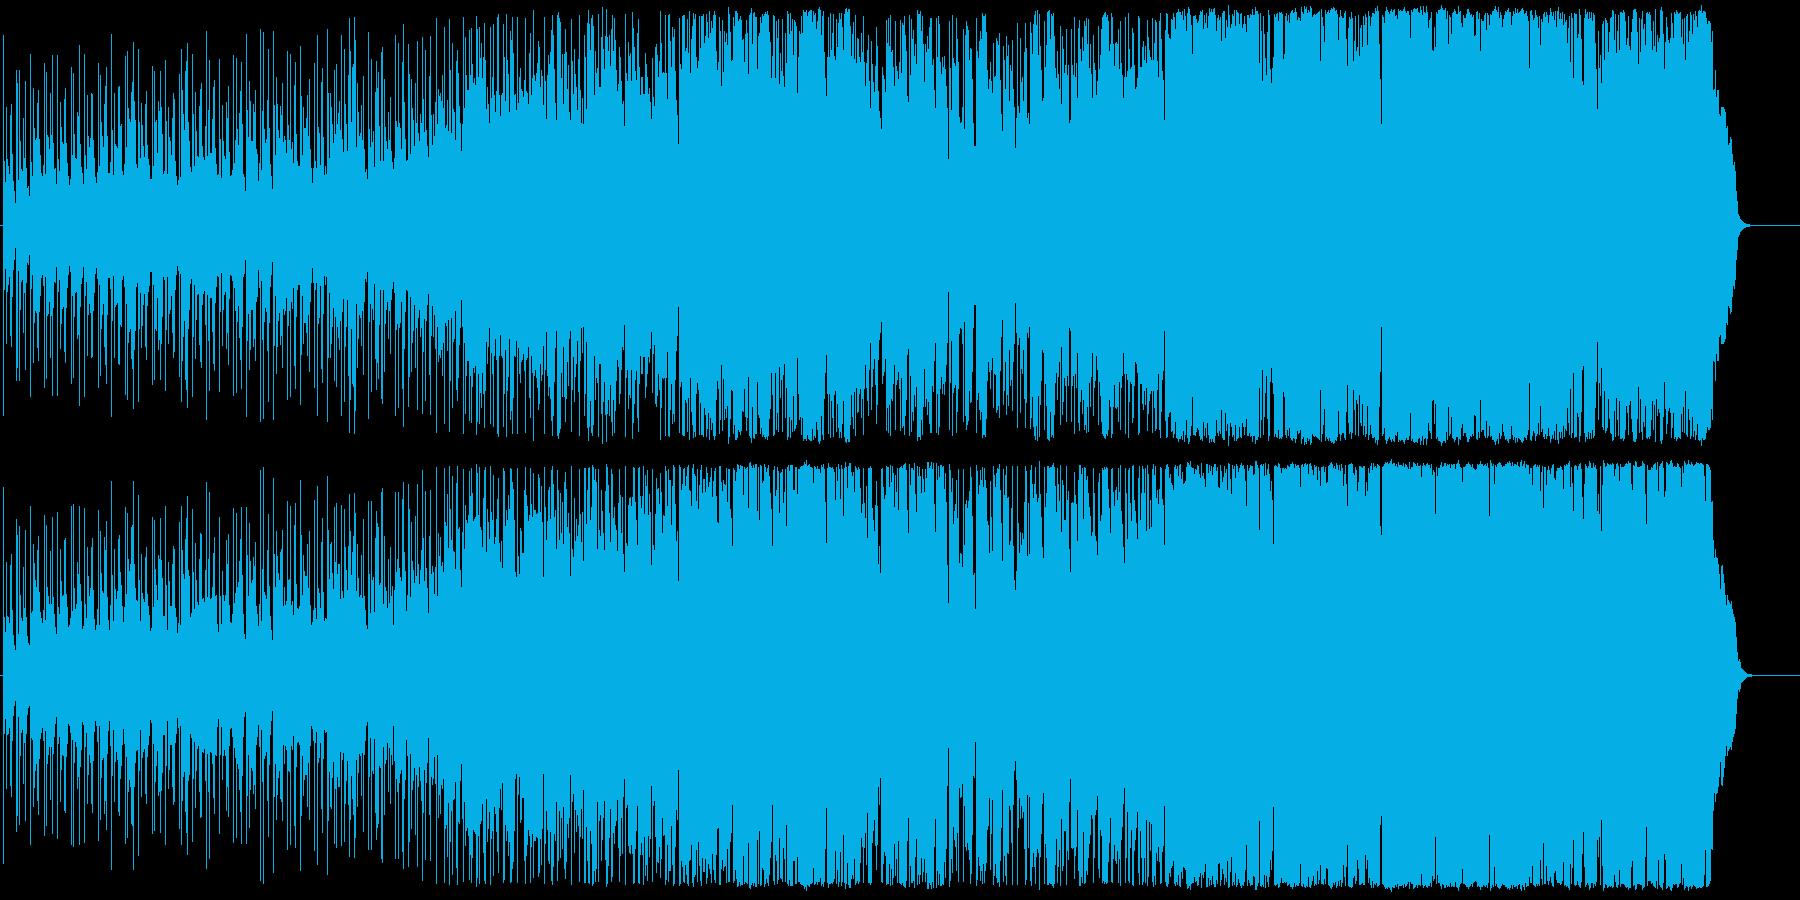 Butterflyの再生済みの波形